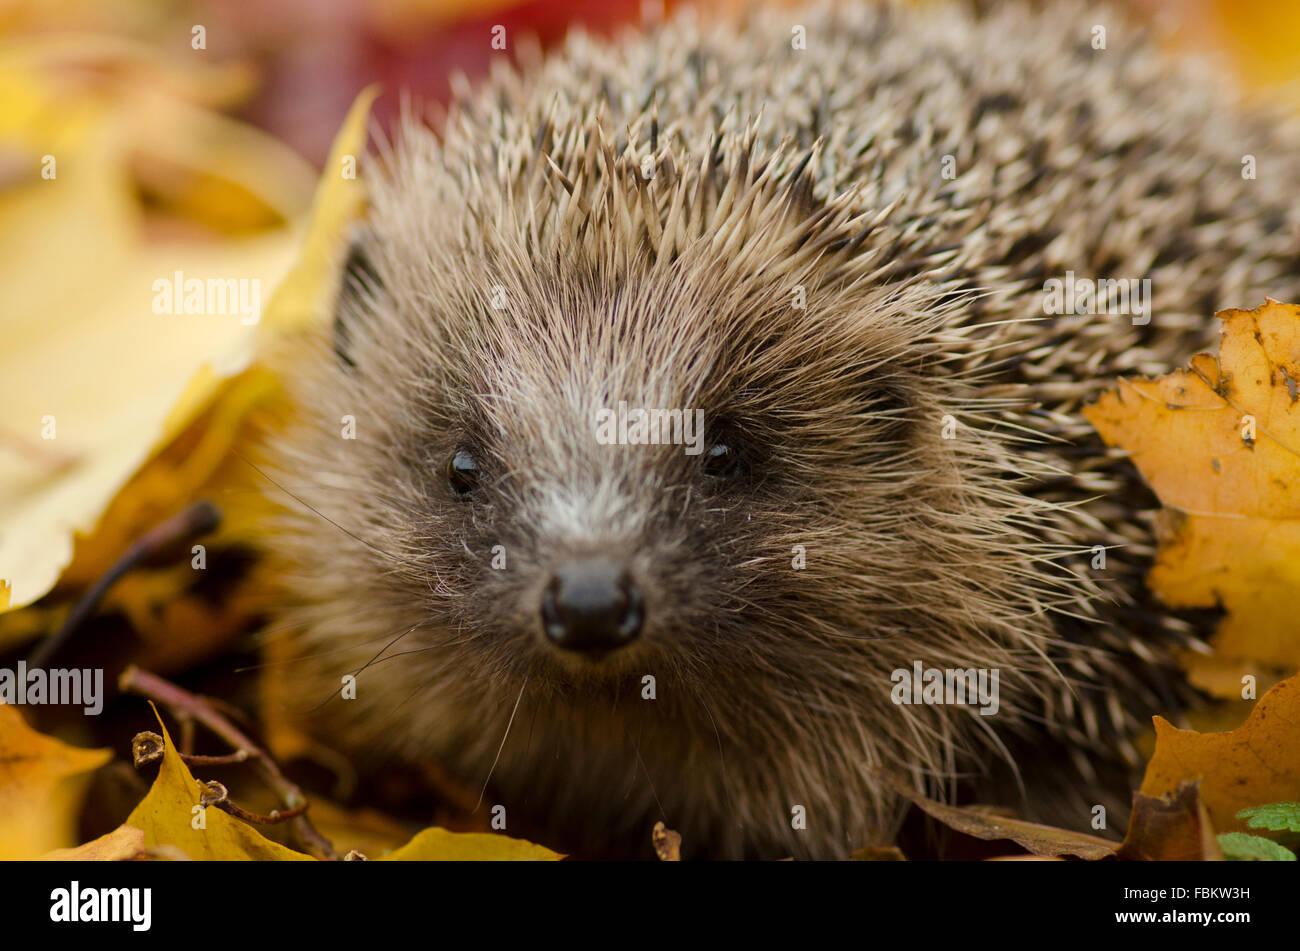 Hedgehog in Leaves (Erinaceus europaeus) - Stock Image